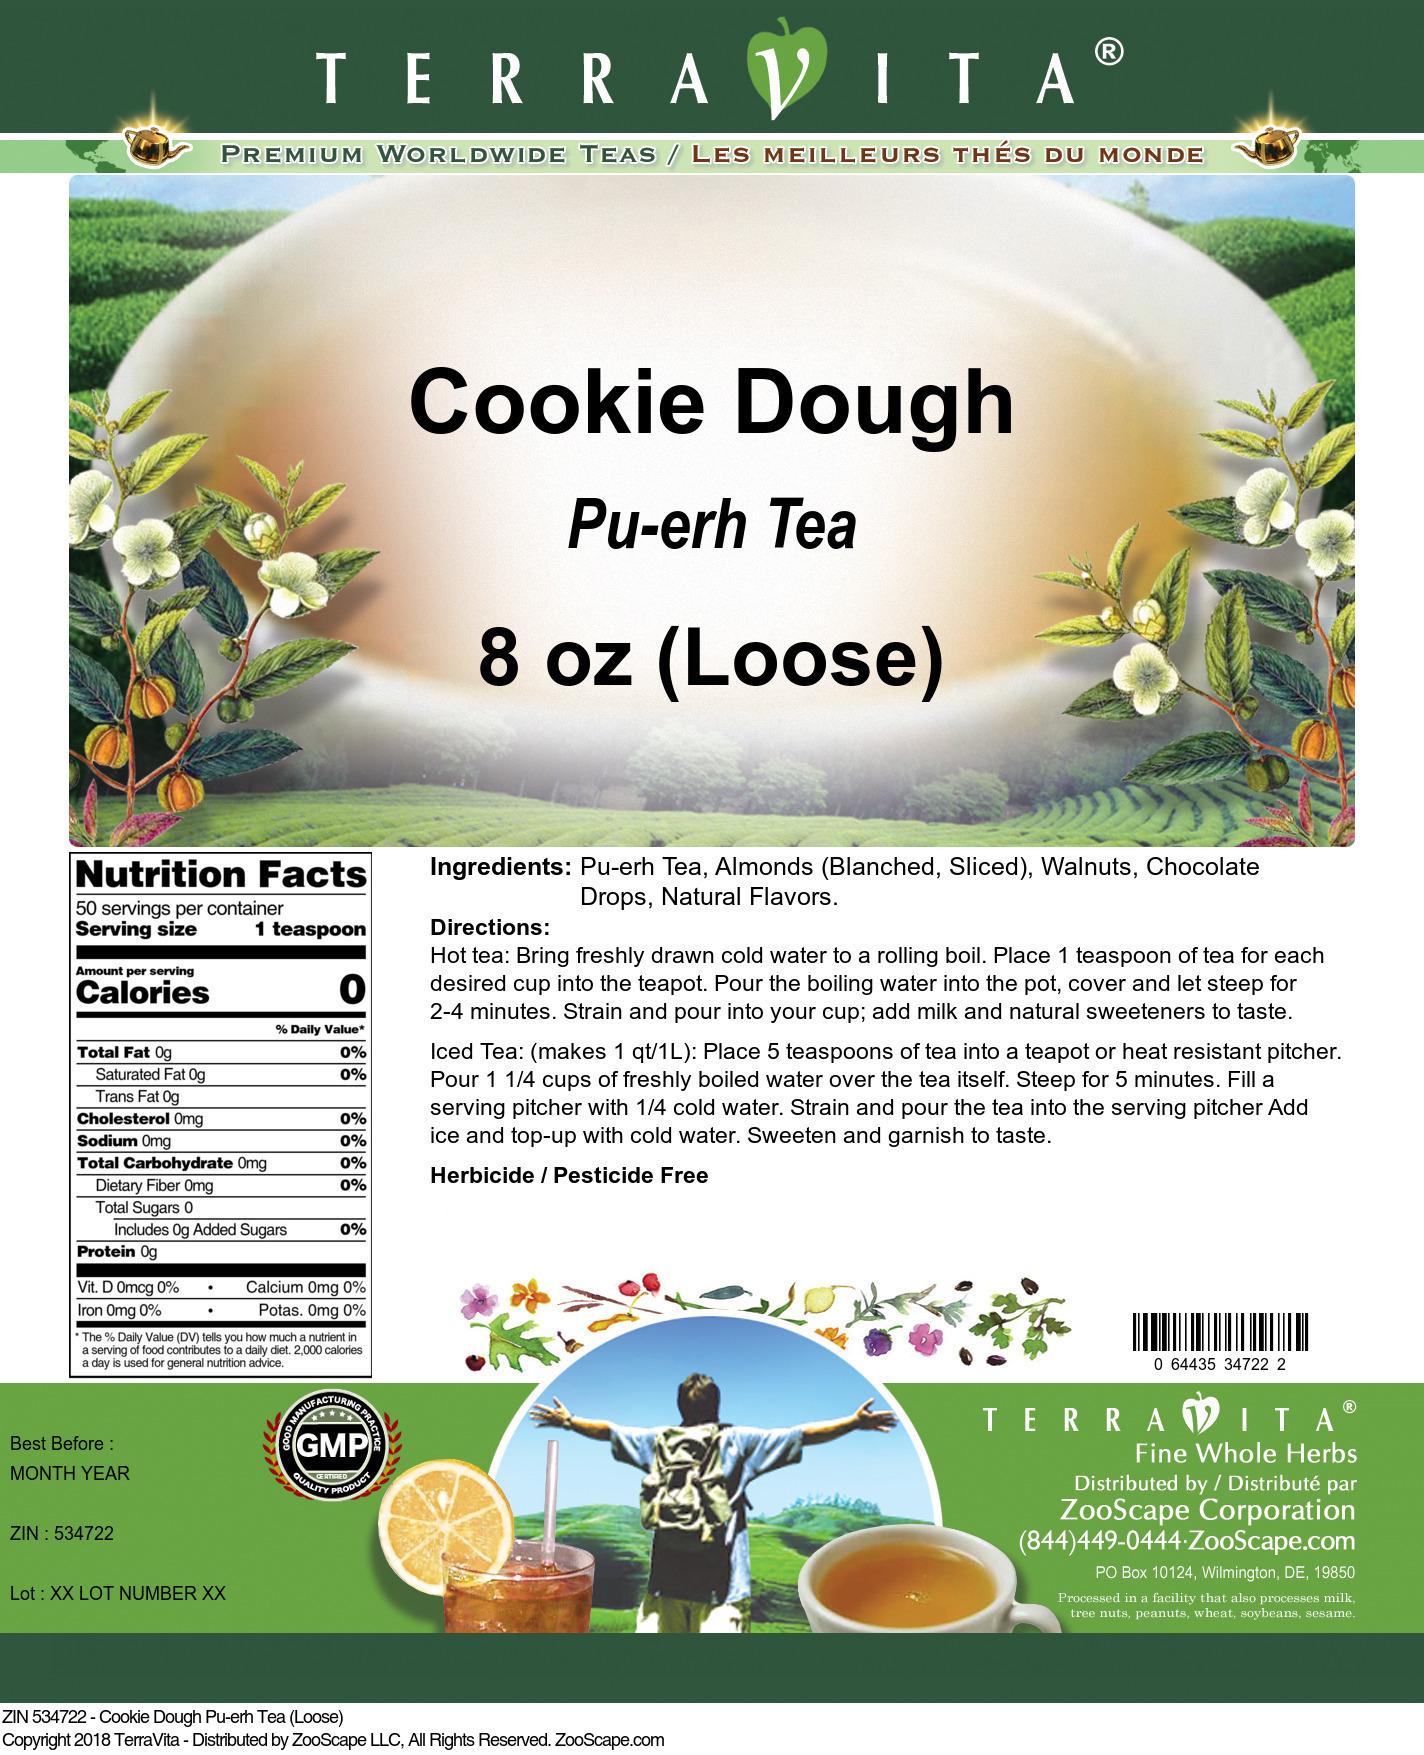 Cookie Dough Pu-erh Tea (Loose)